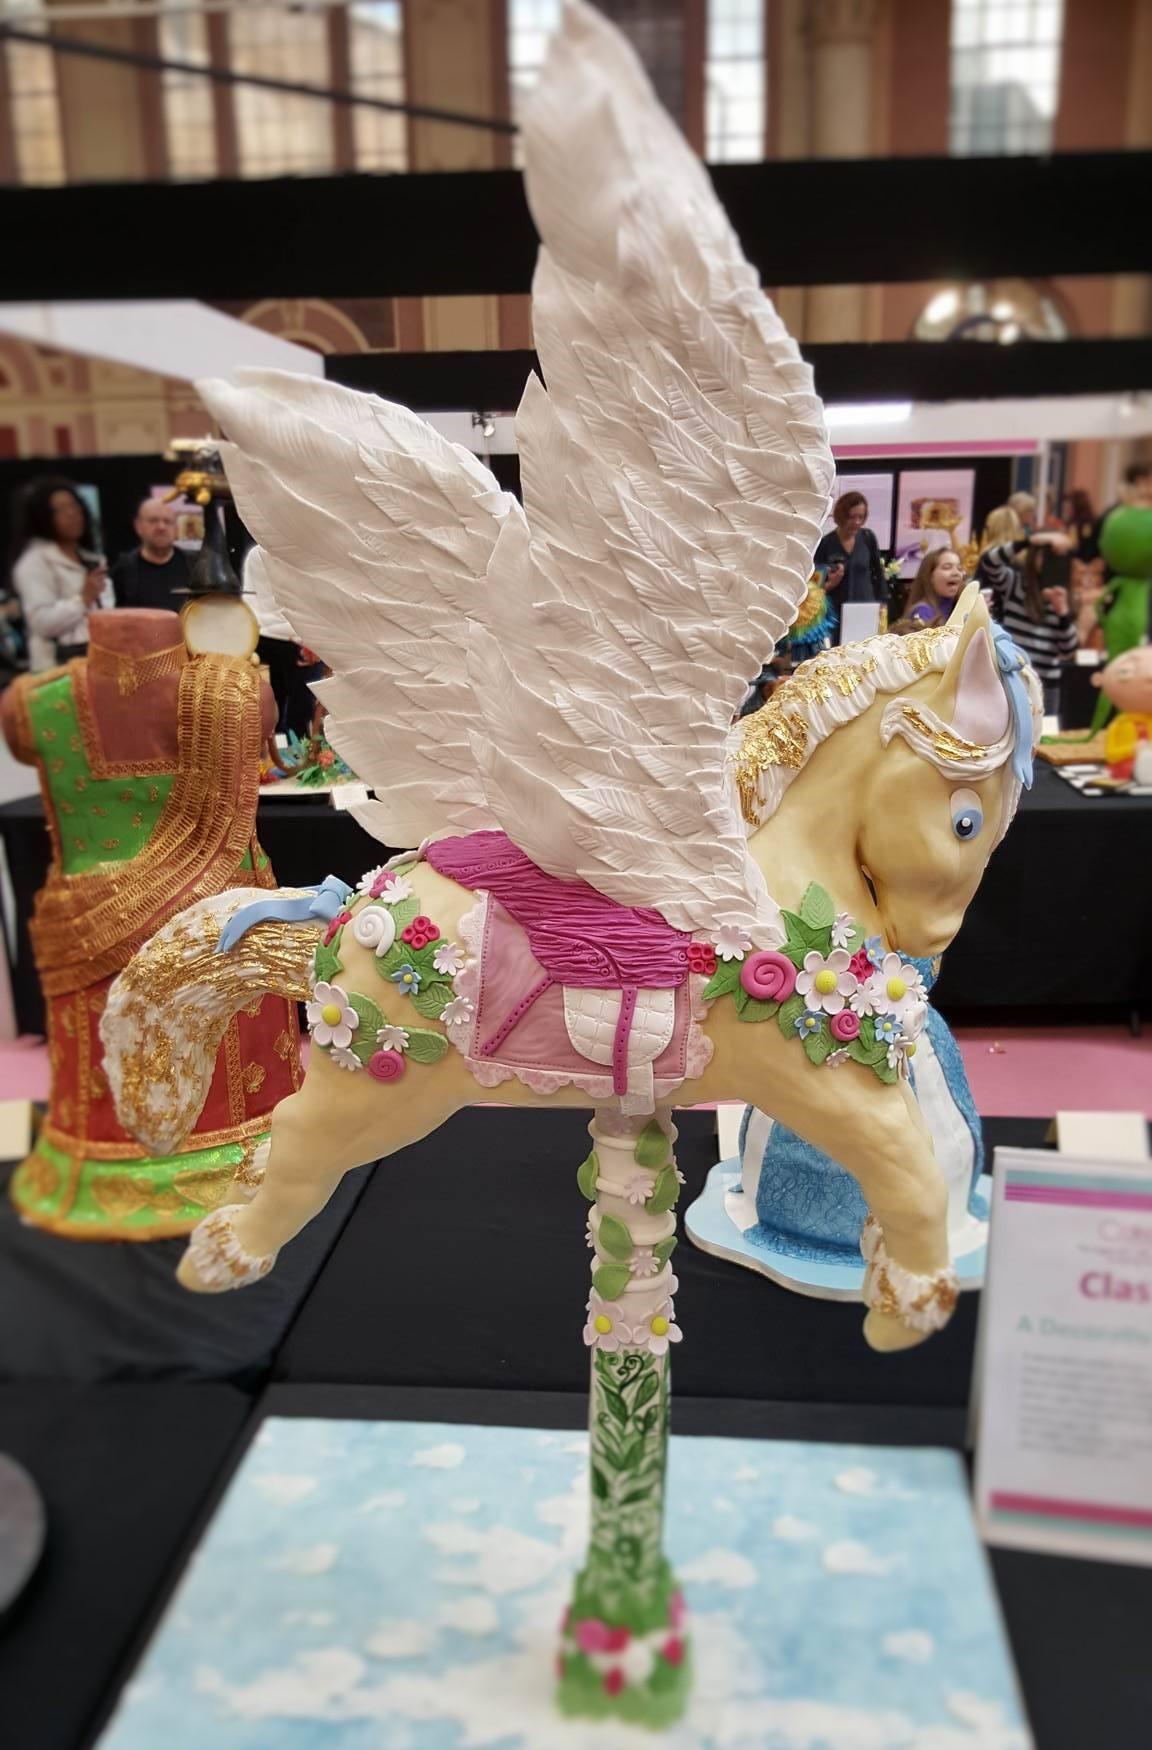 Wedding Cake Inspiration - Unicorn